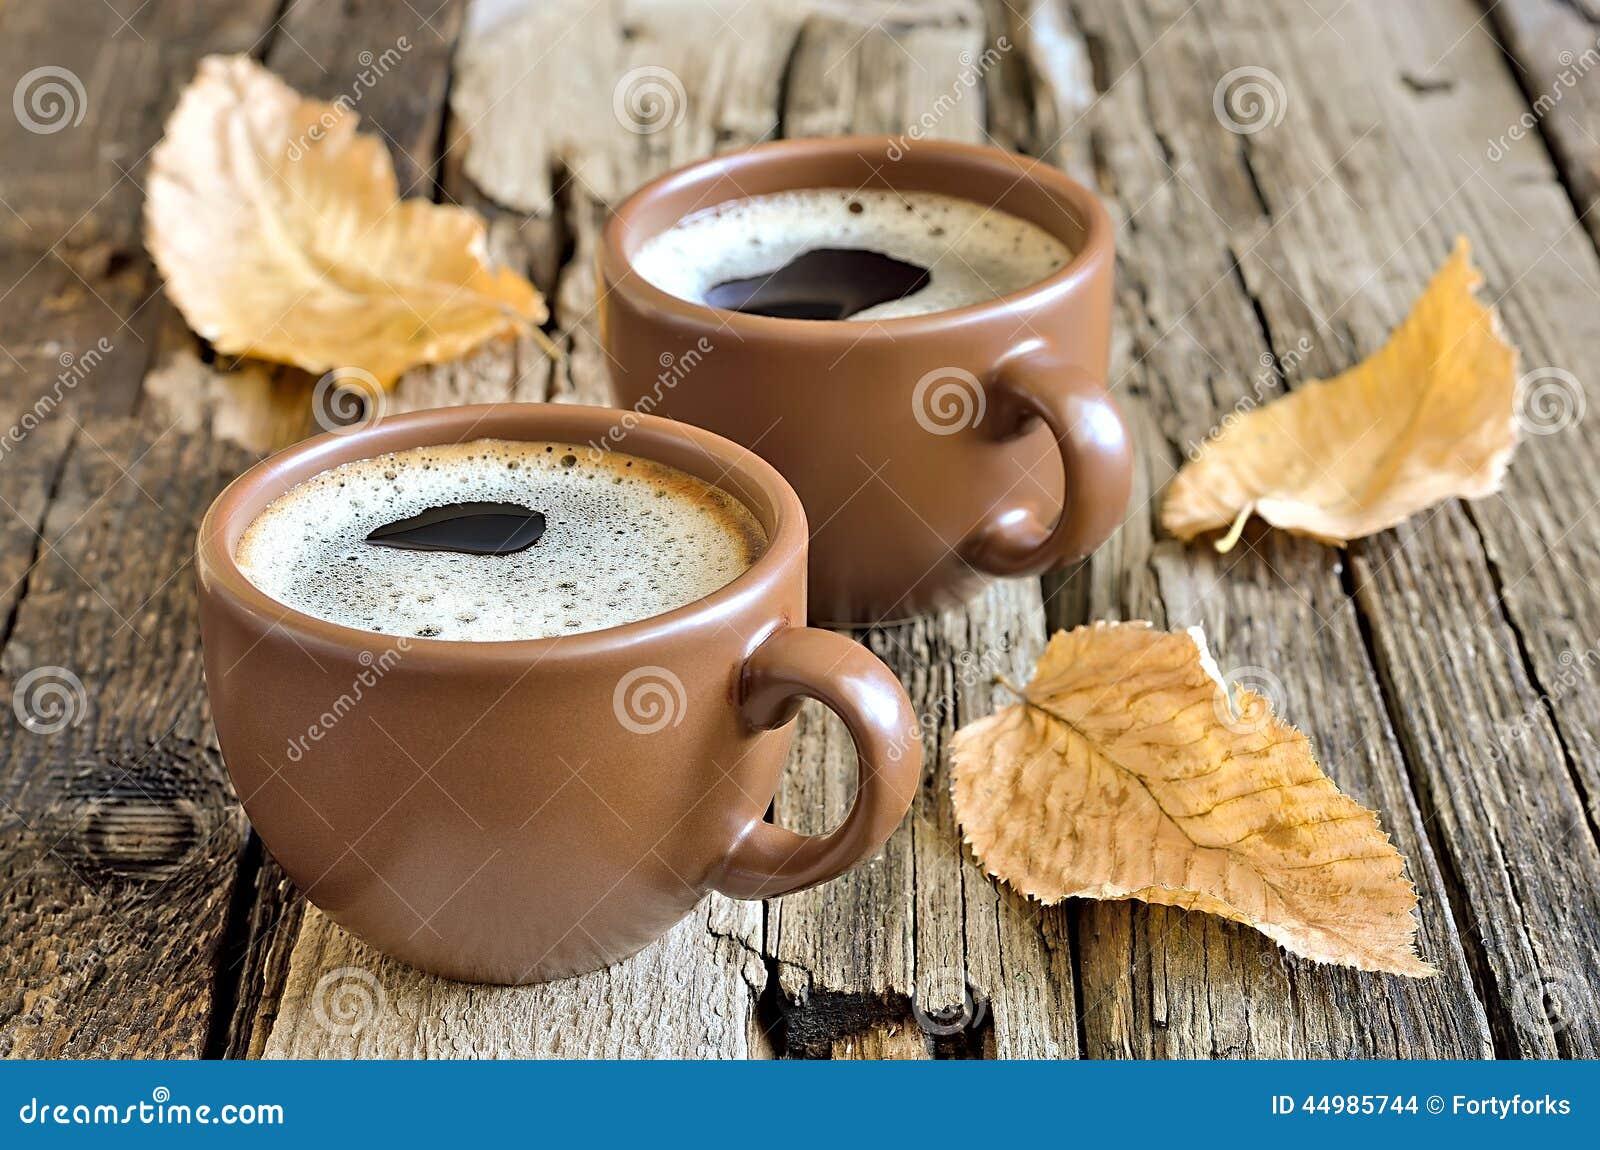 Morning Autumn Cafe Breakfast